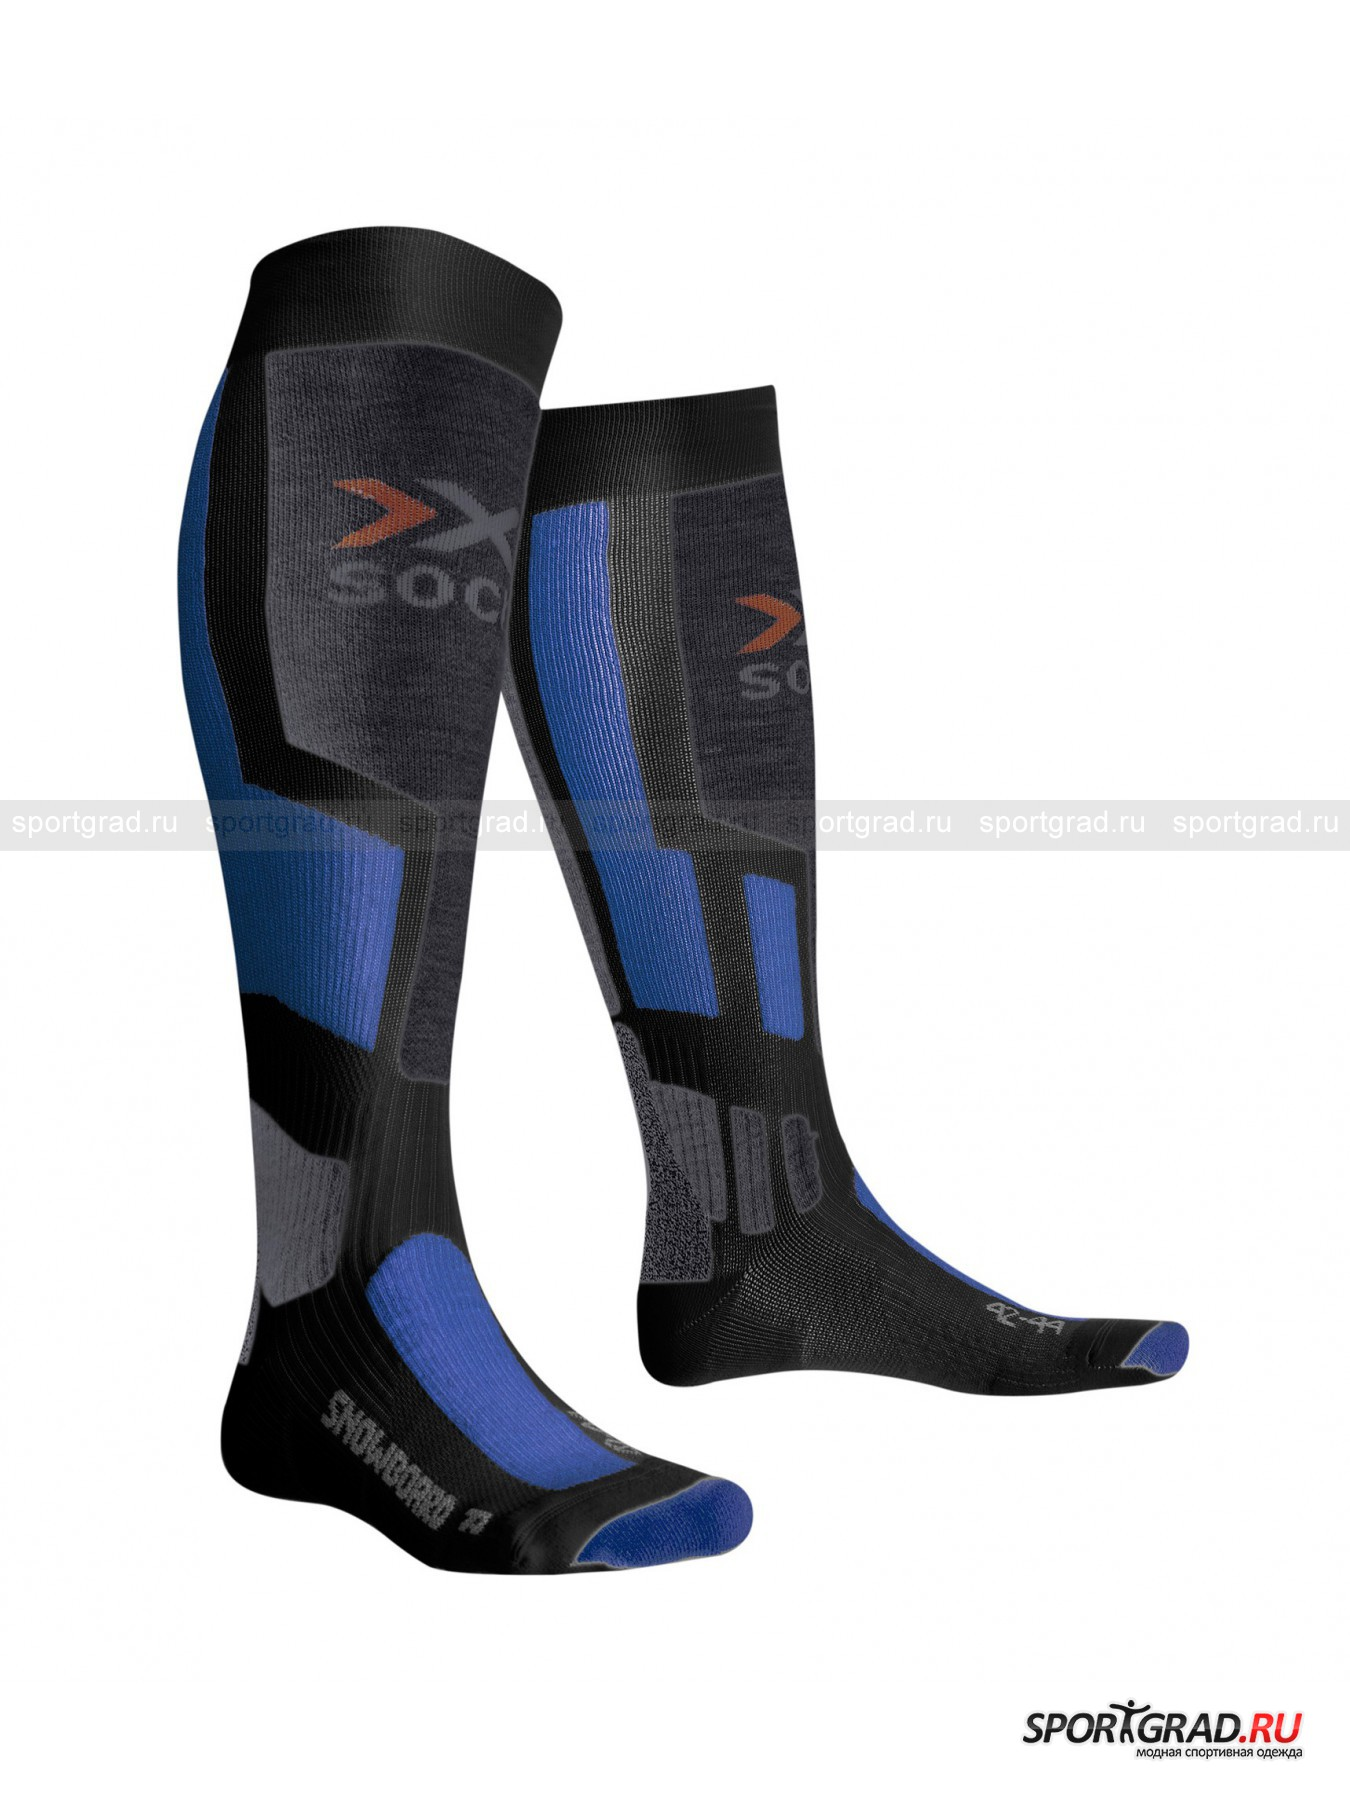 Носки унисекс SNOWBOARD  X-SOCKS